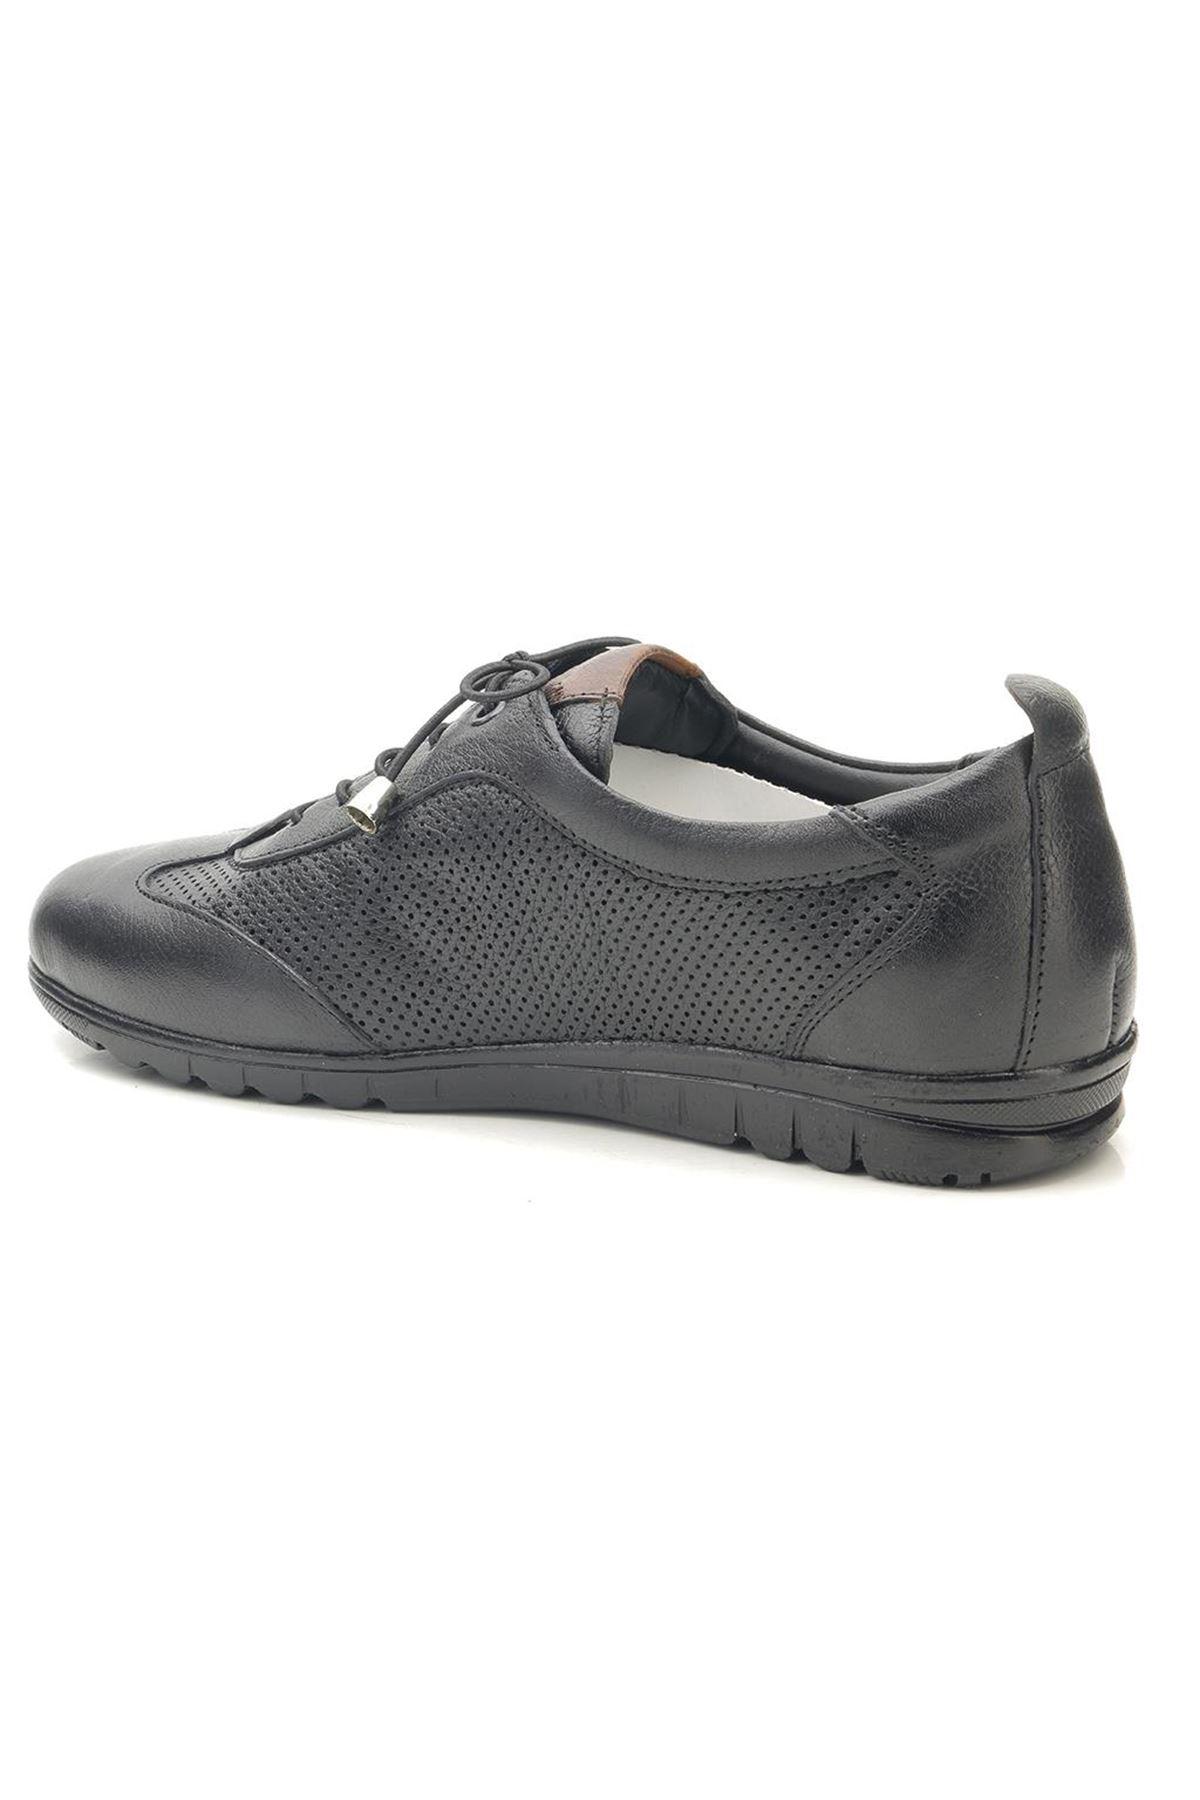 Kids World Sneaker 661 Kız Çocuk Spor Ayakkabı